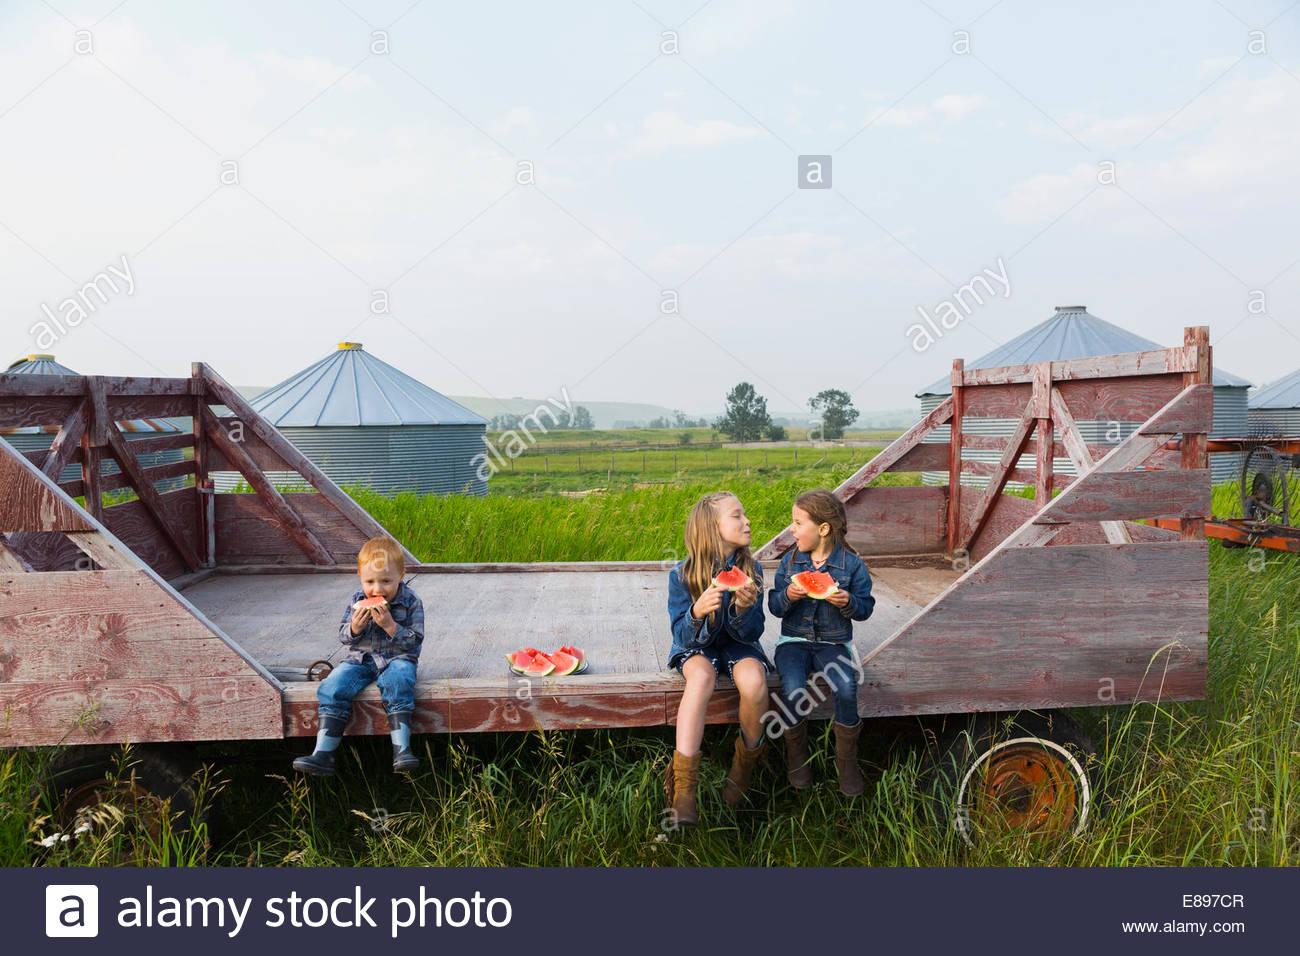 Las niñas y niño comiendo sandía en la granja Imagen De Stock